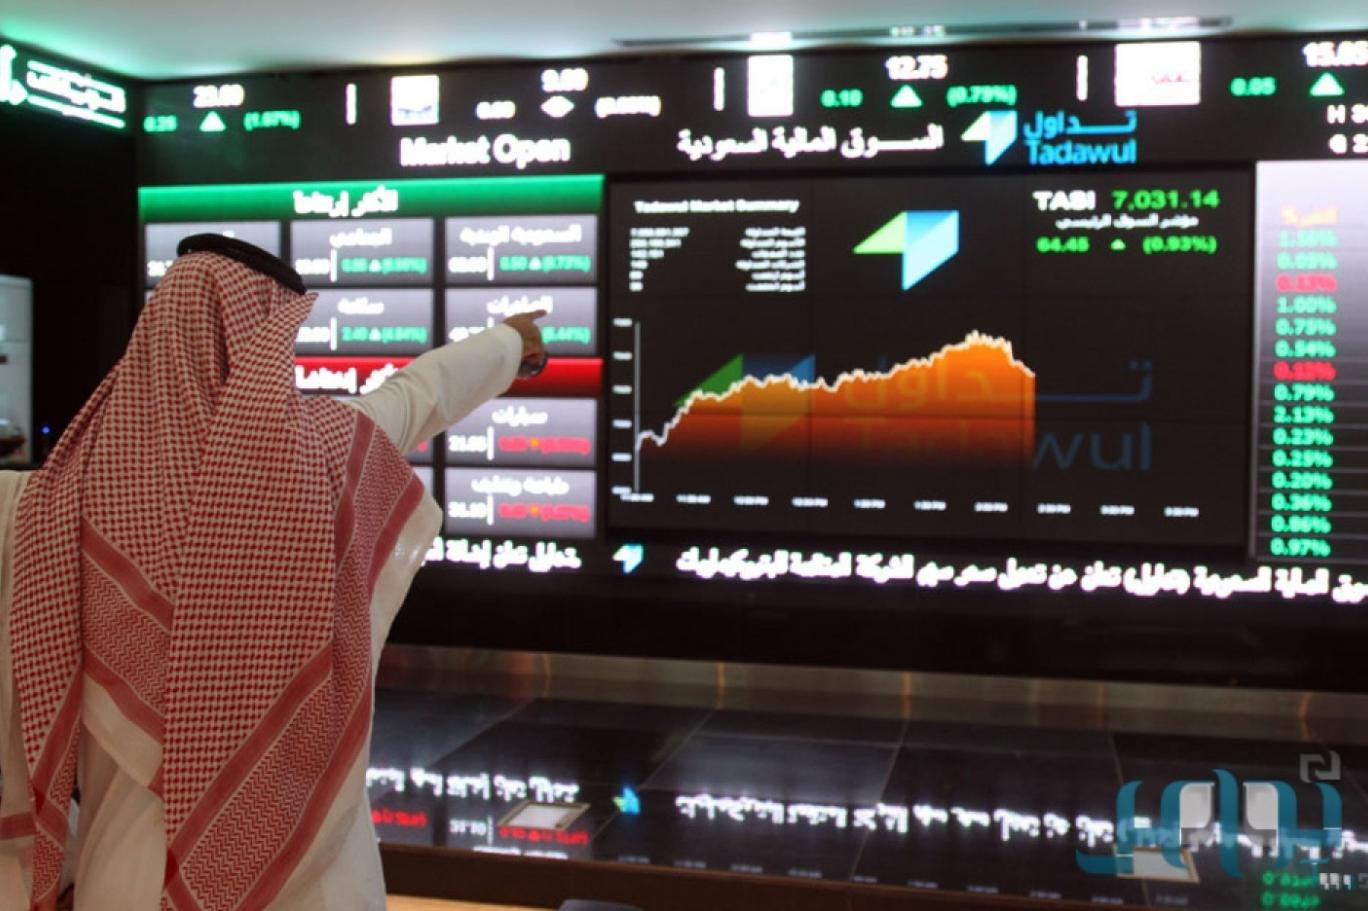 مواعيد الاكتتابات بالسوق السعودية